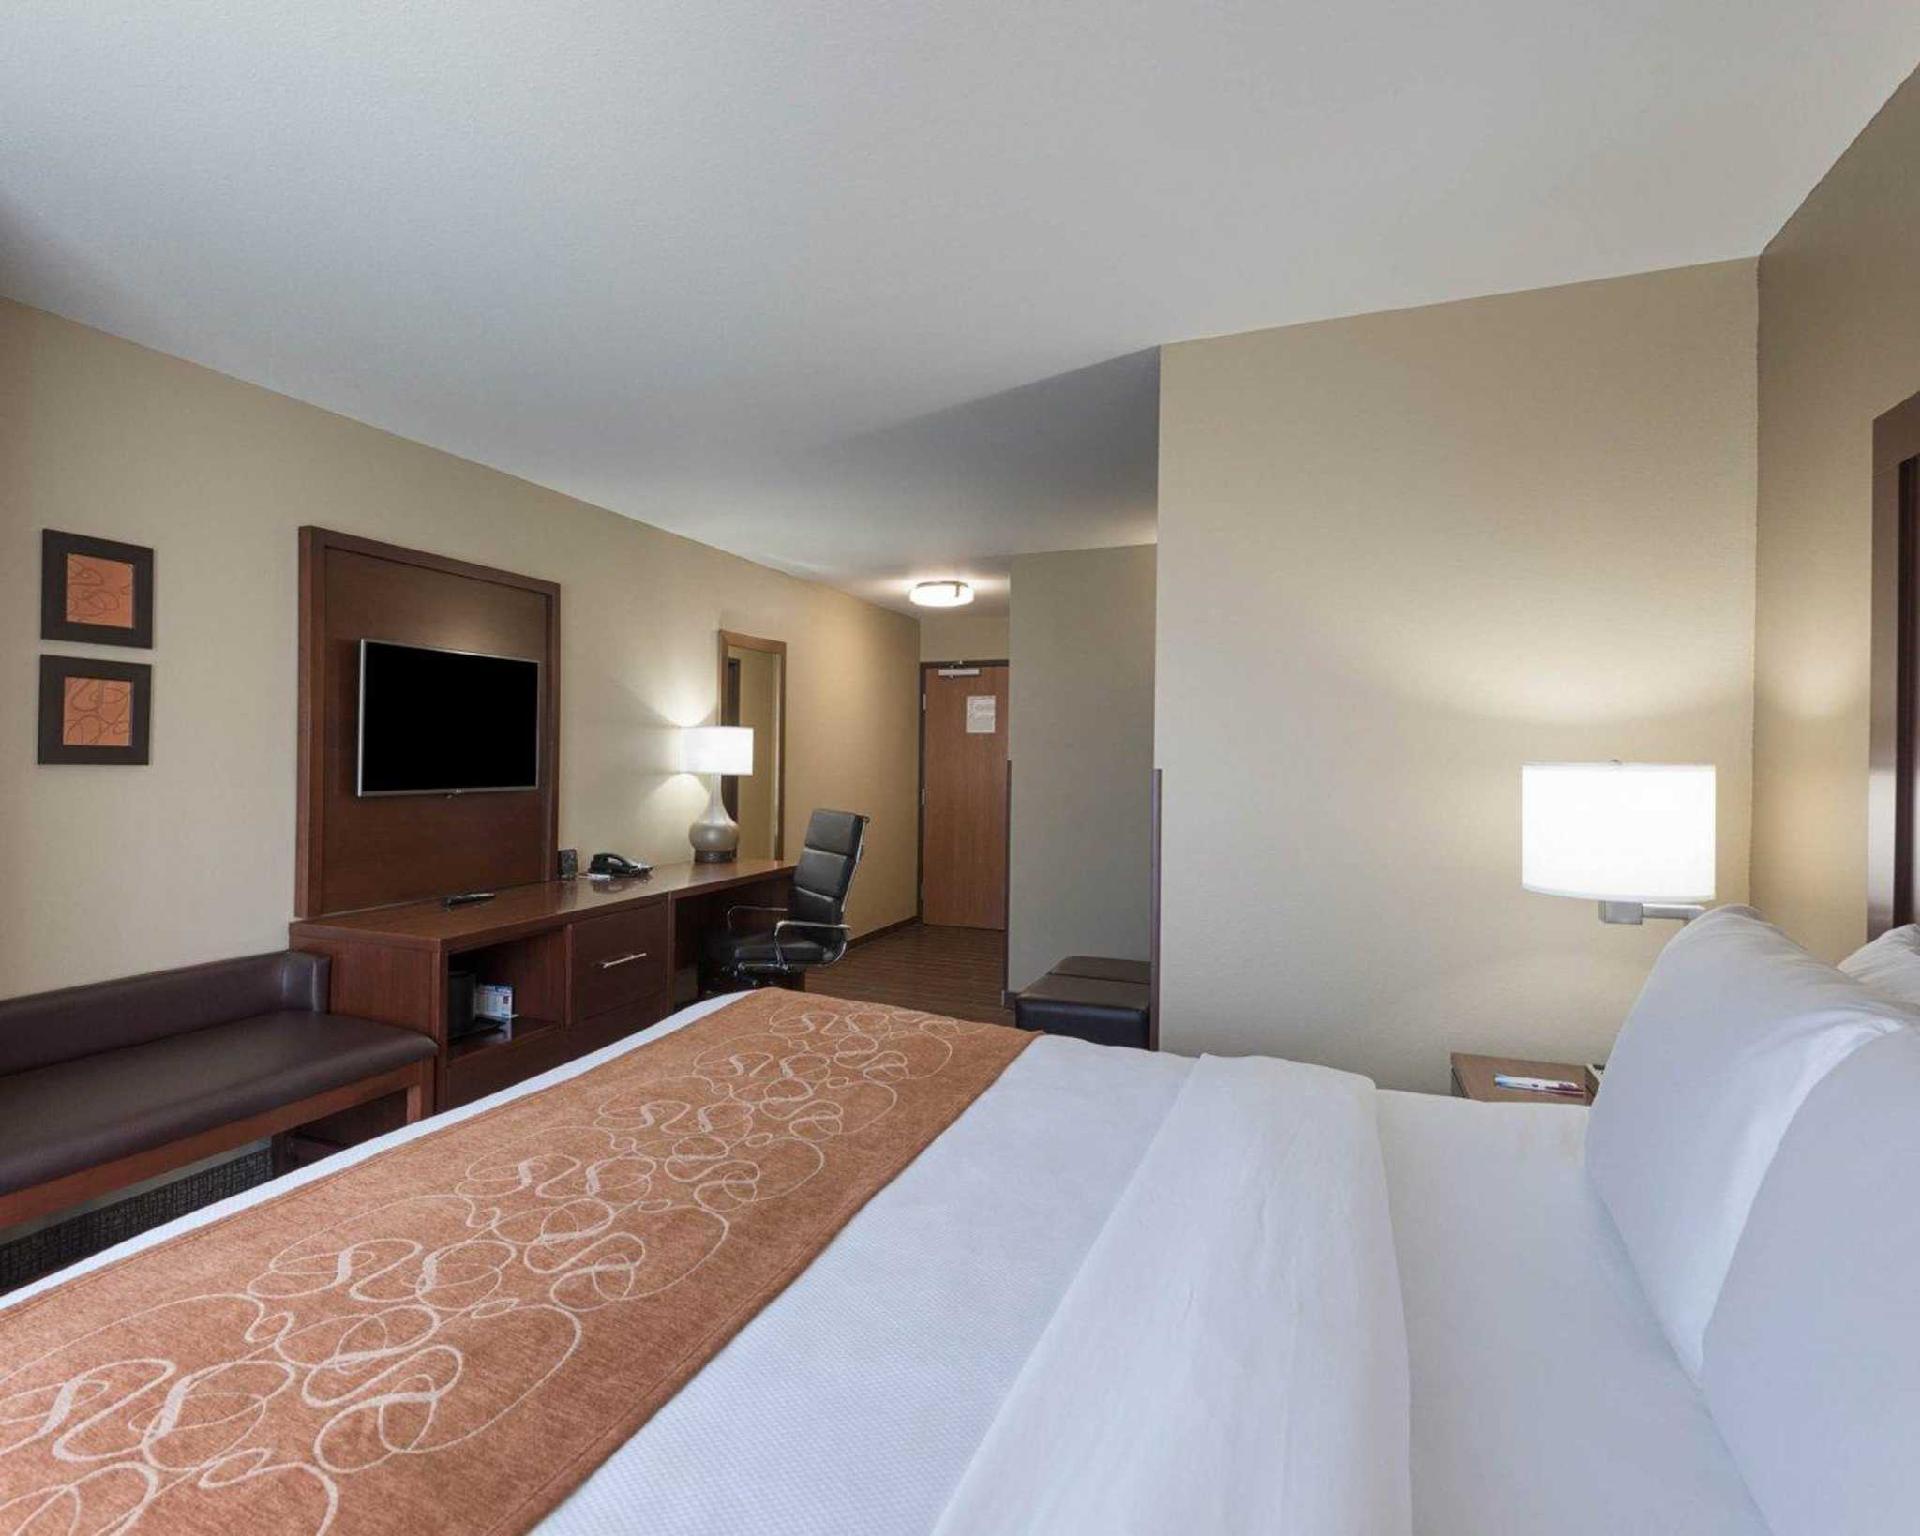 Comfort Suites Bridgeport   Clarksburg